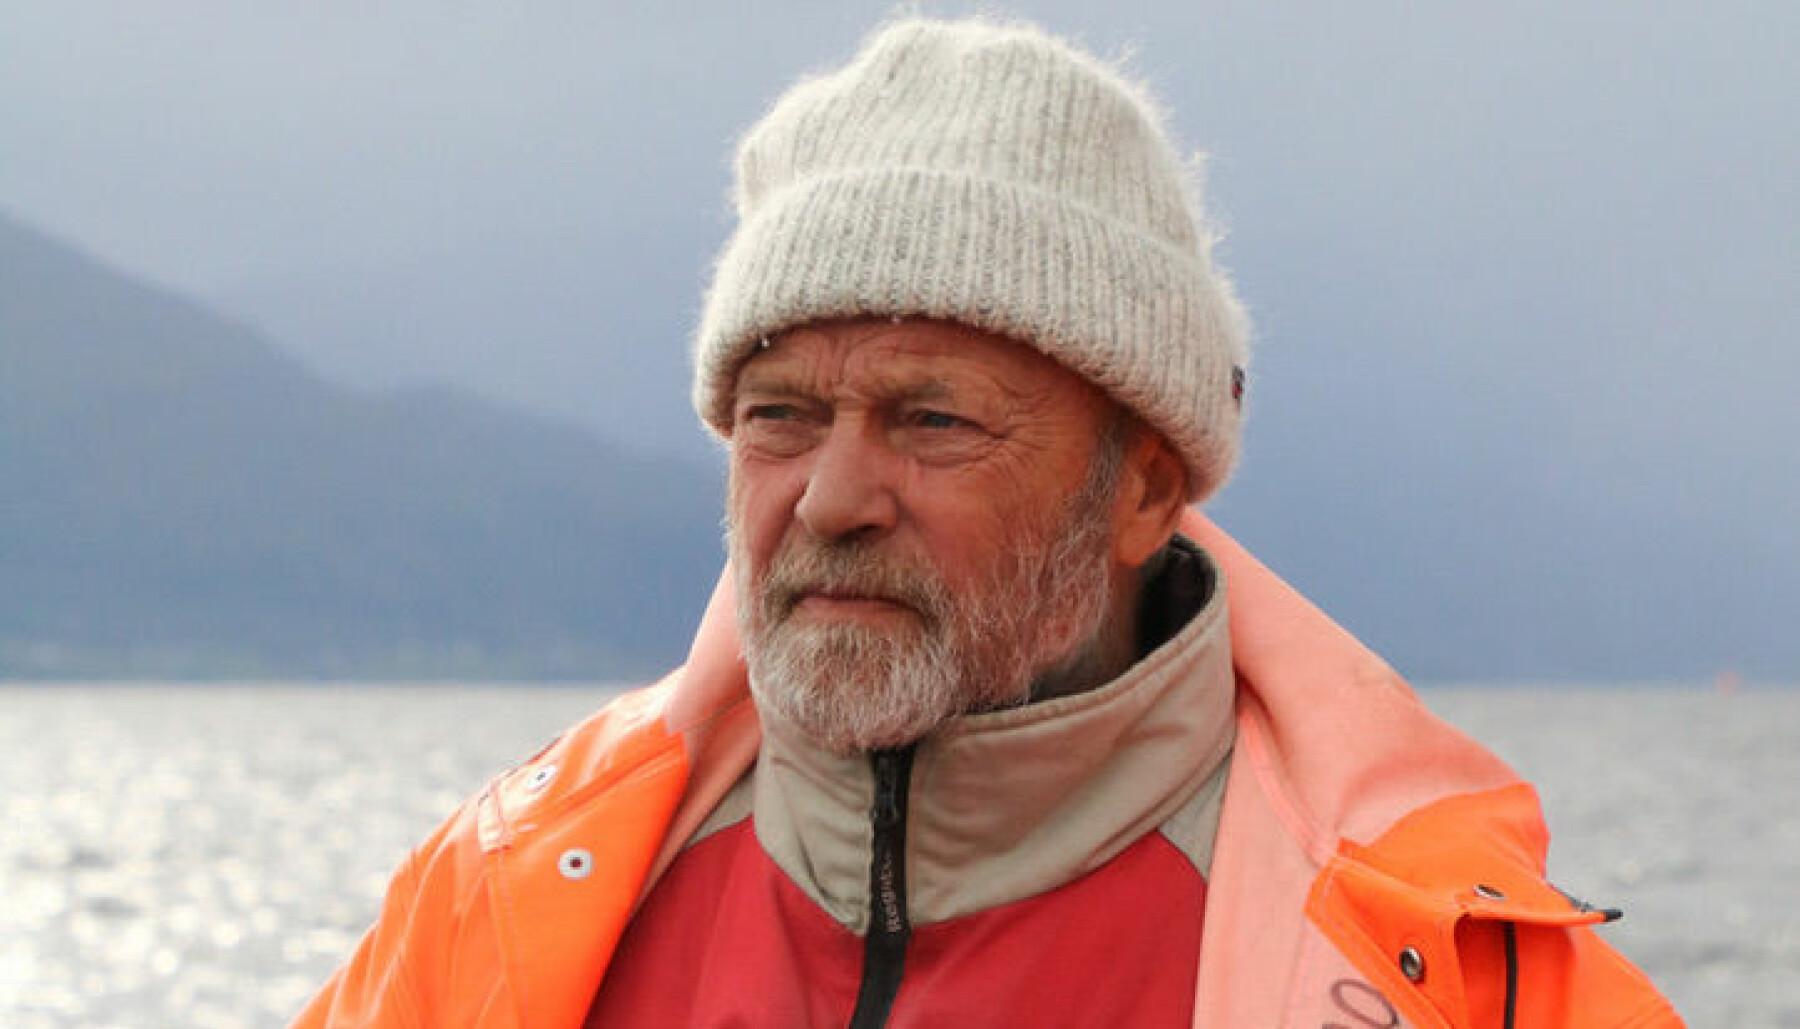 Båtliv; både padling og segling, har vore viktig for Ola Einang. Han vaks opp i fjøresteinane og har vore ein aktiv kar heilt frå han var gutunge.